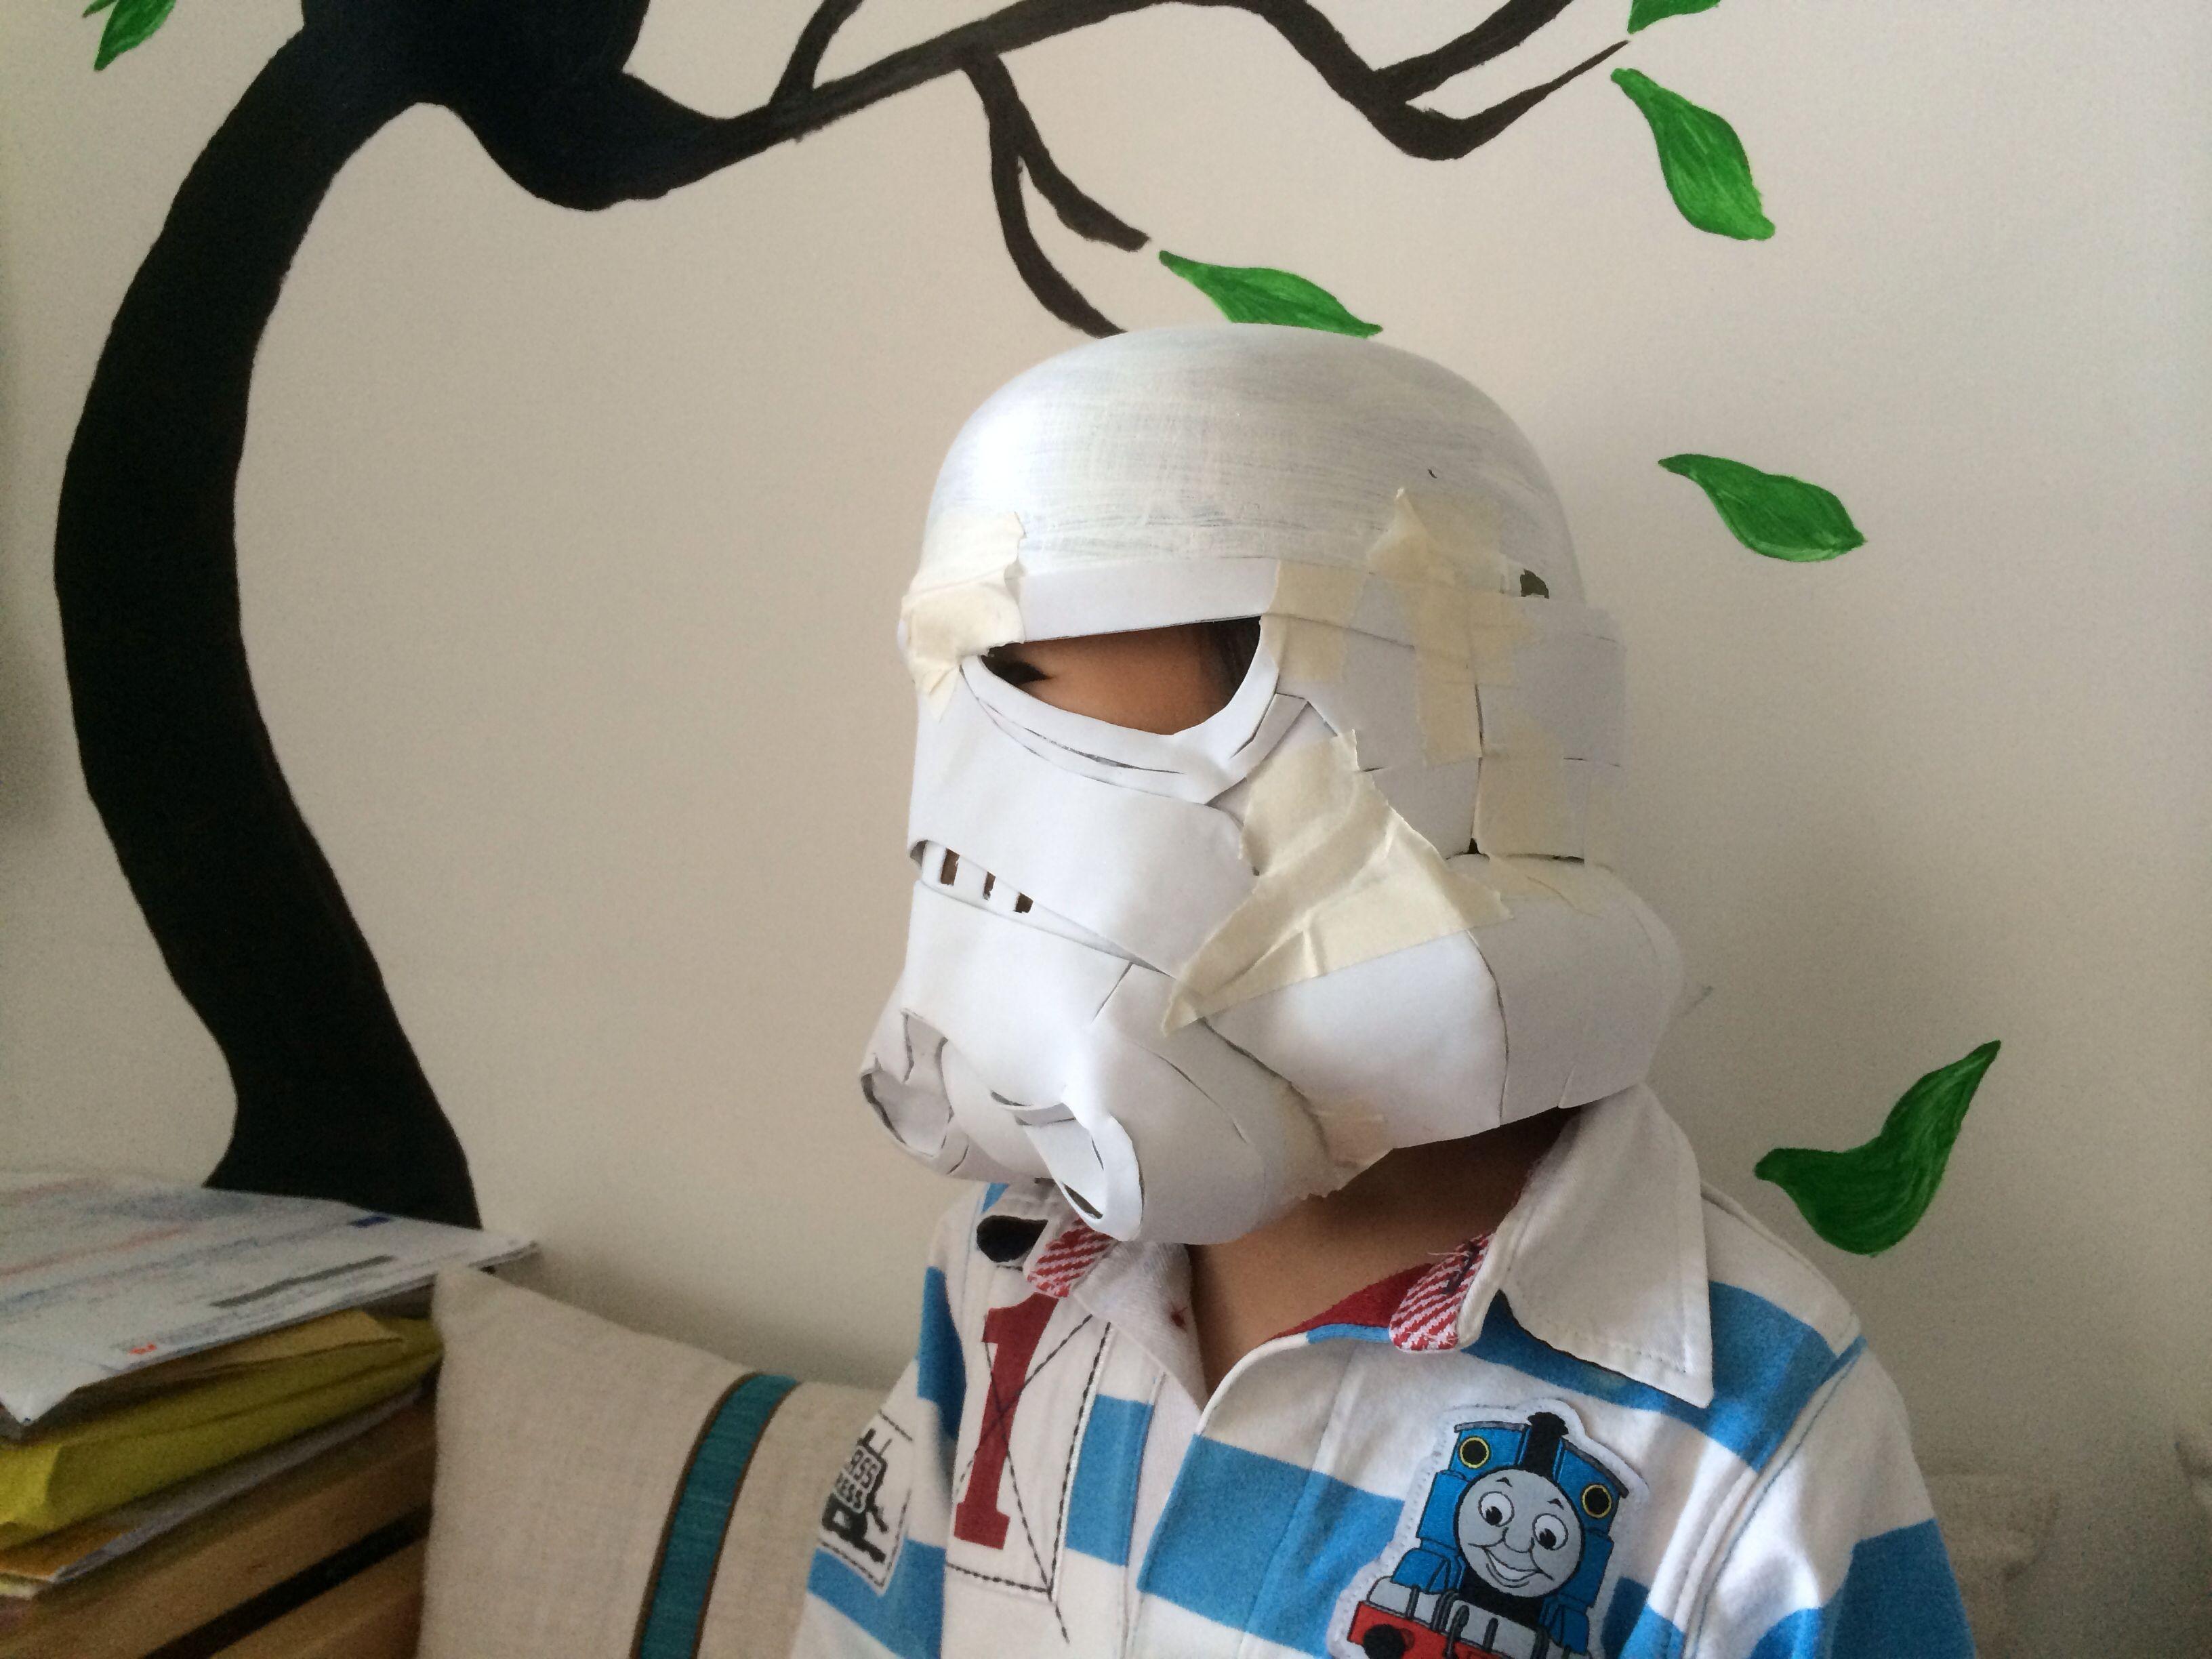 Papercraft Stormtrooper Helmet Stormtrooper Helmet Wip Diy Stormtrooper Sandtrooper